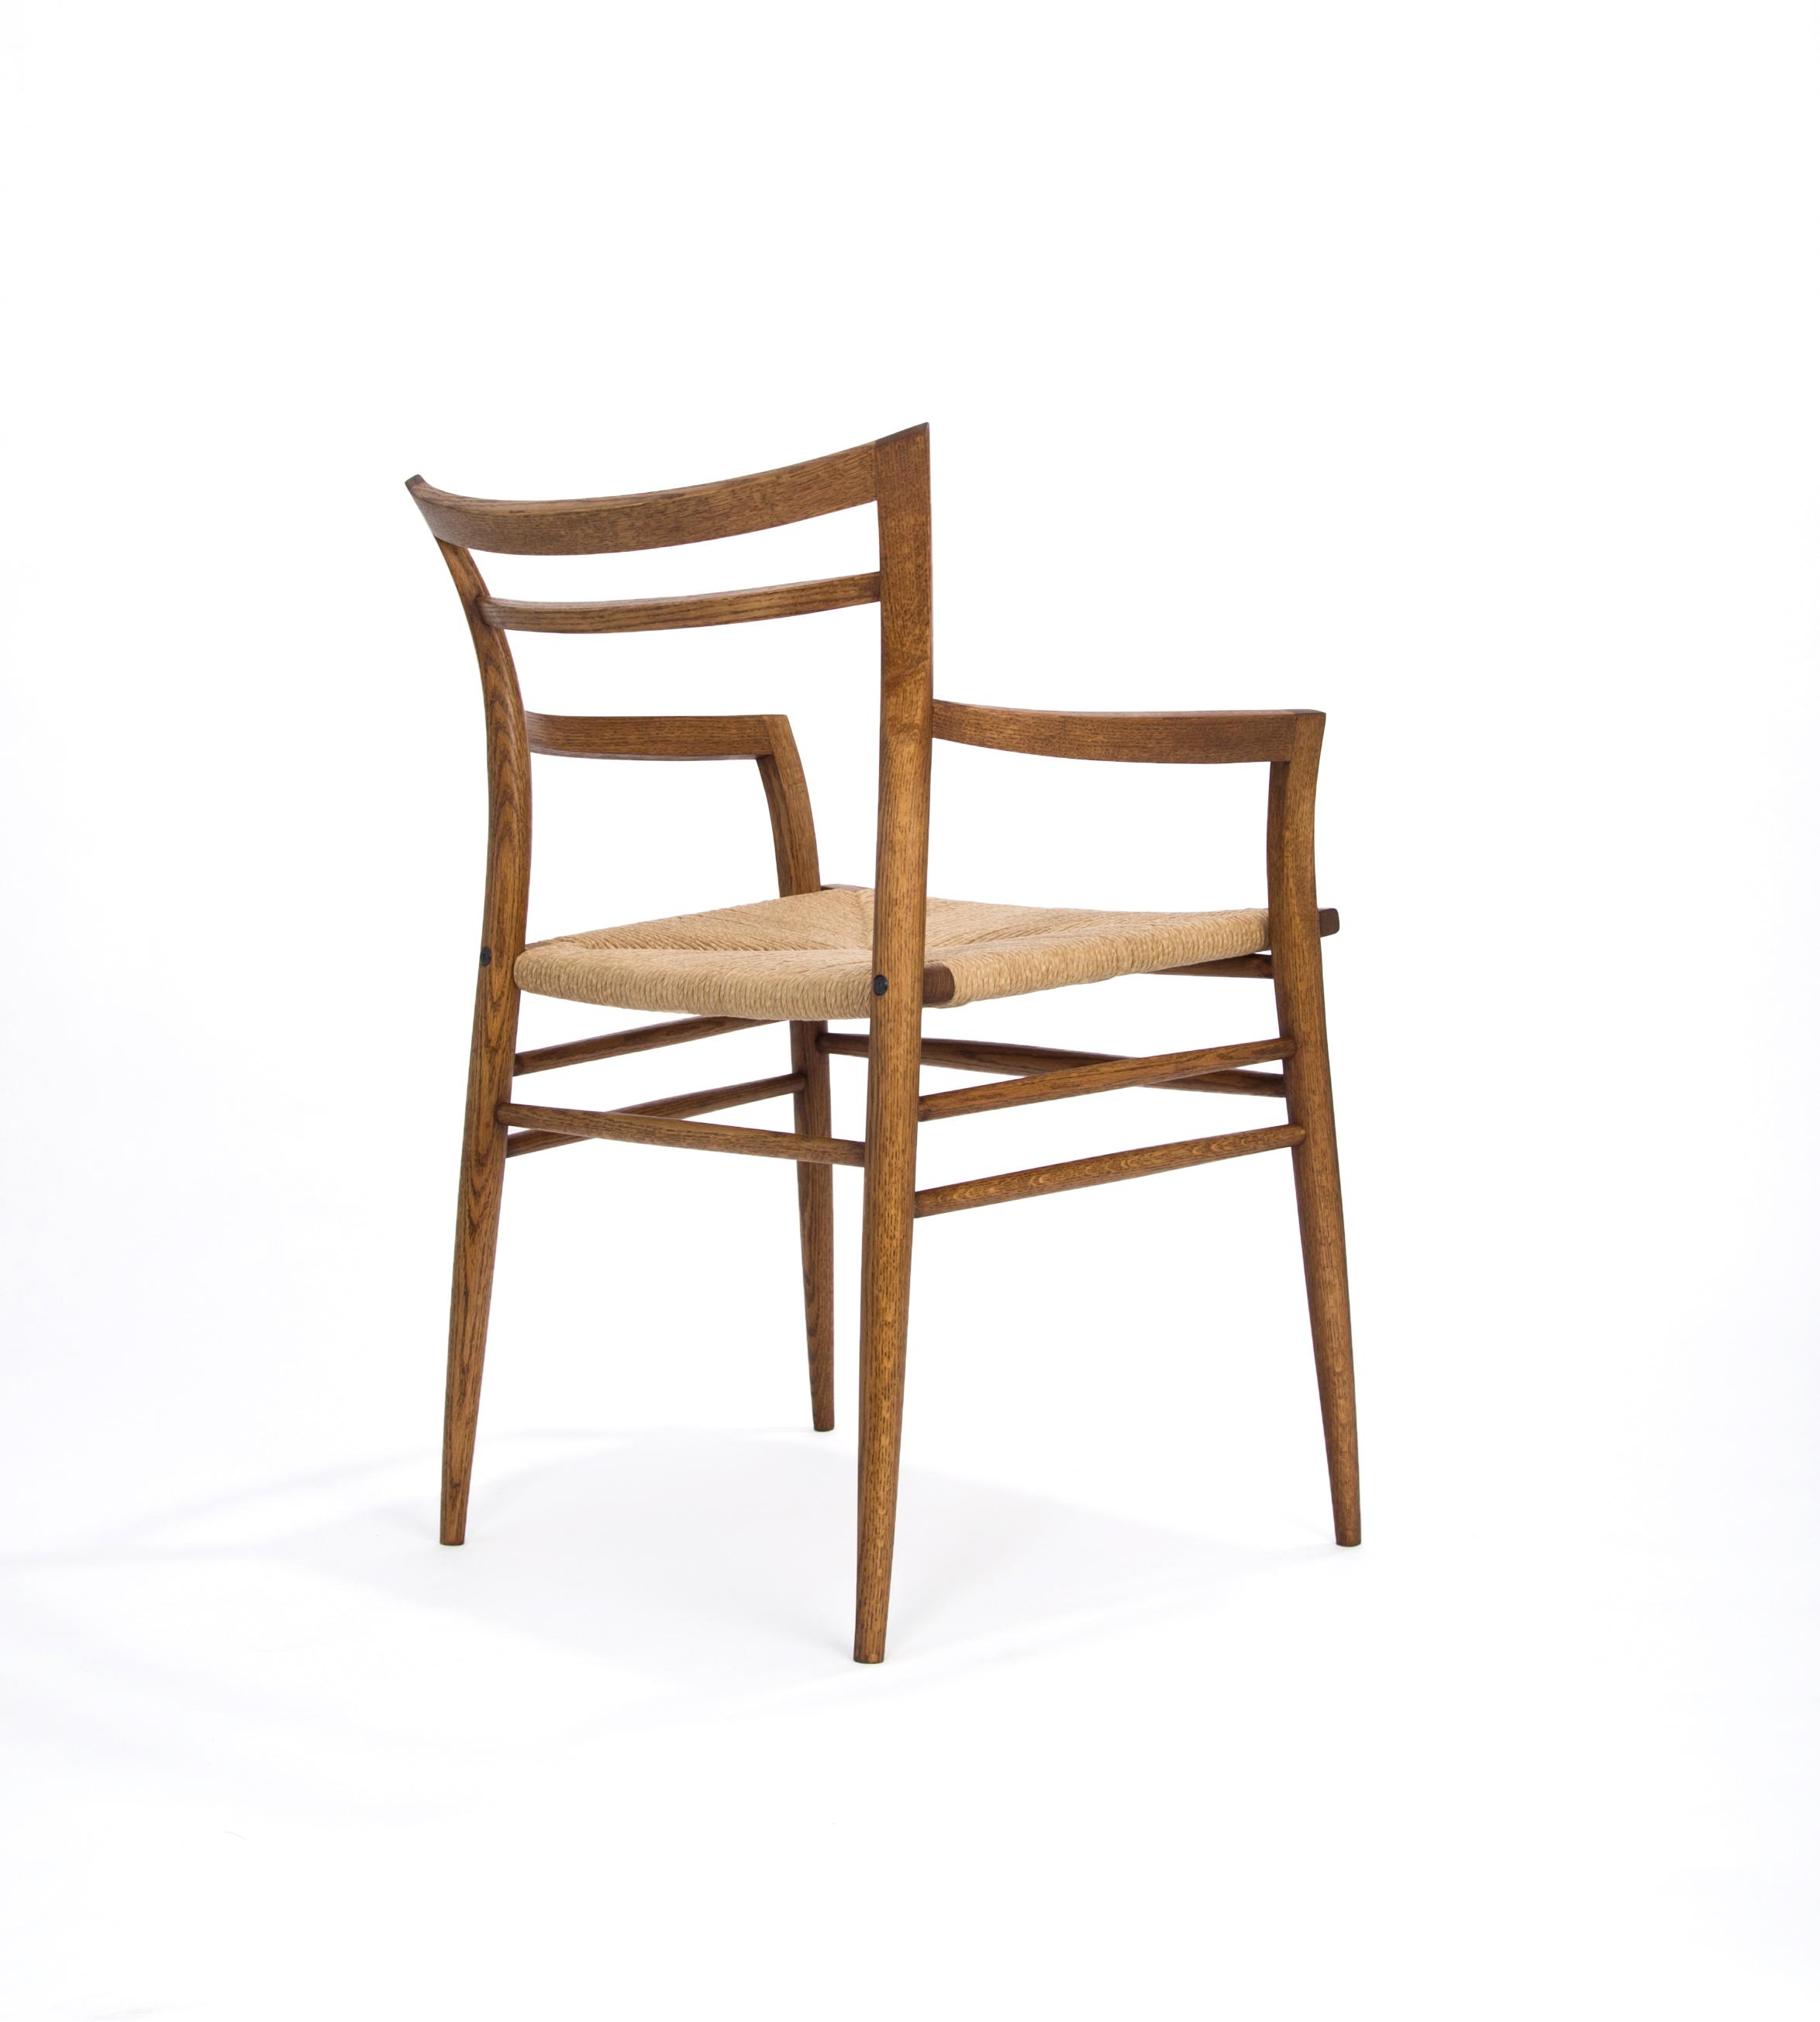 Chair2-3Quart-view.jpg